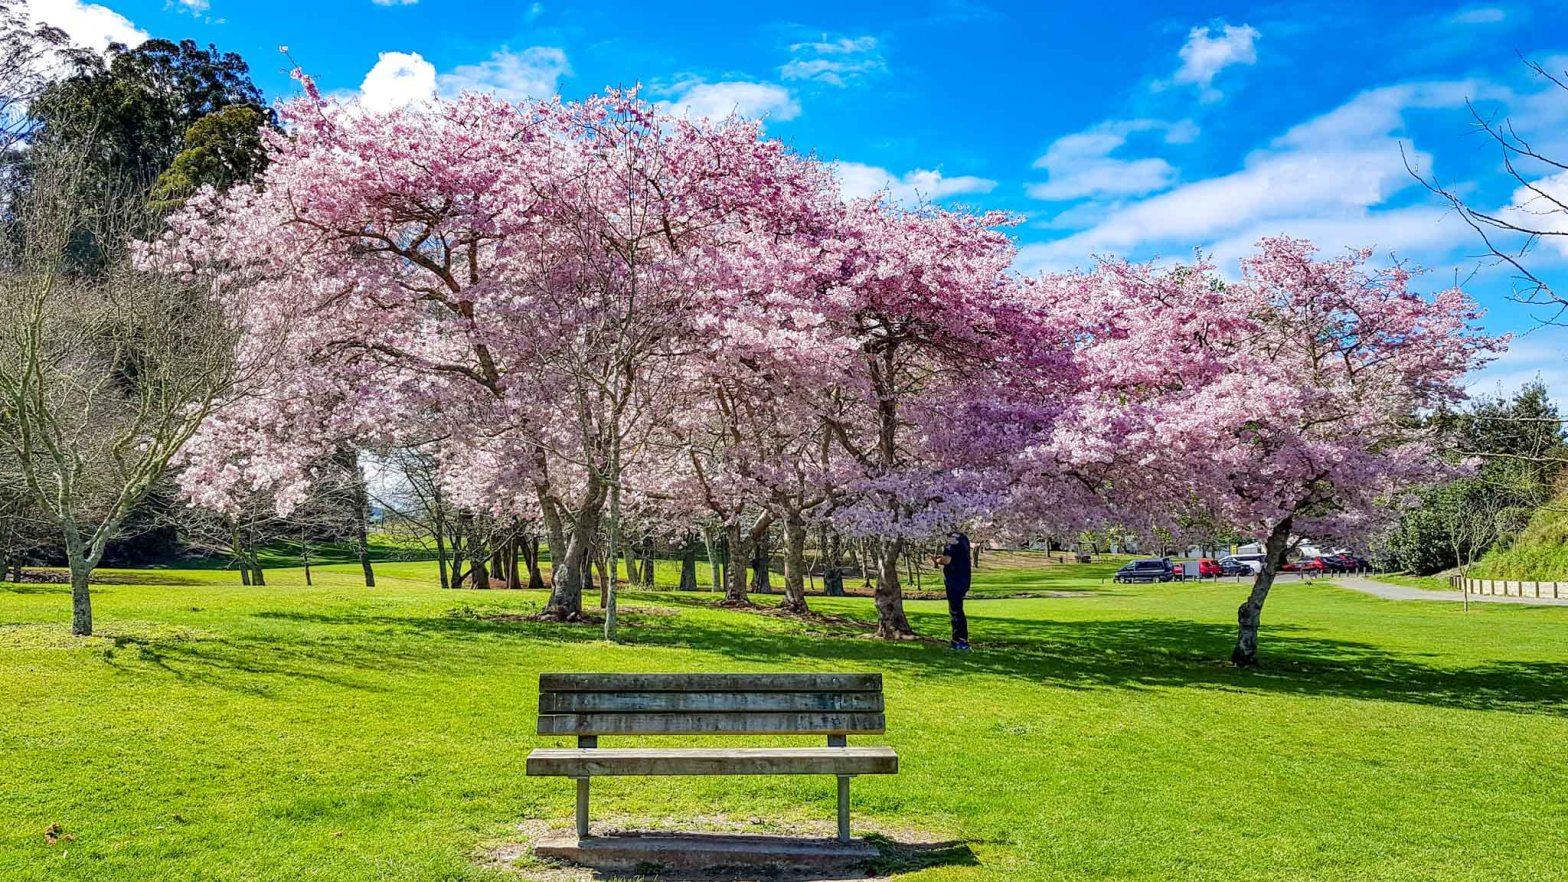 Cambridge Domain, Waikato, New Zealand